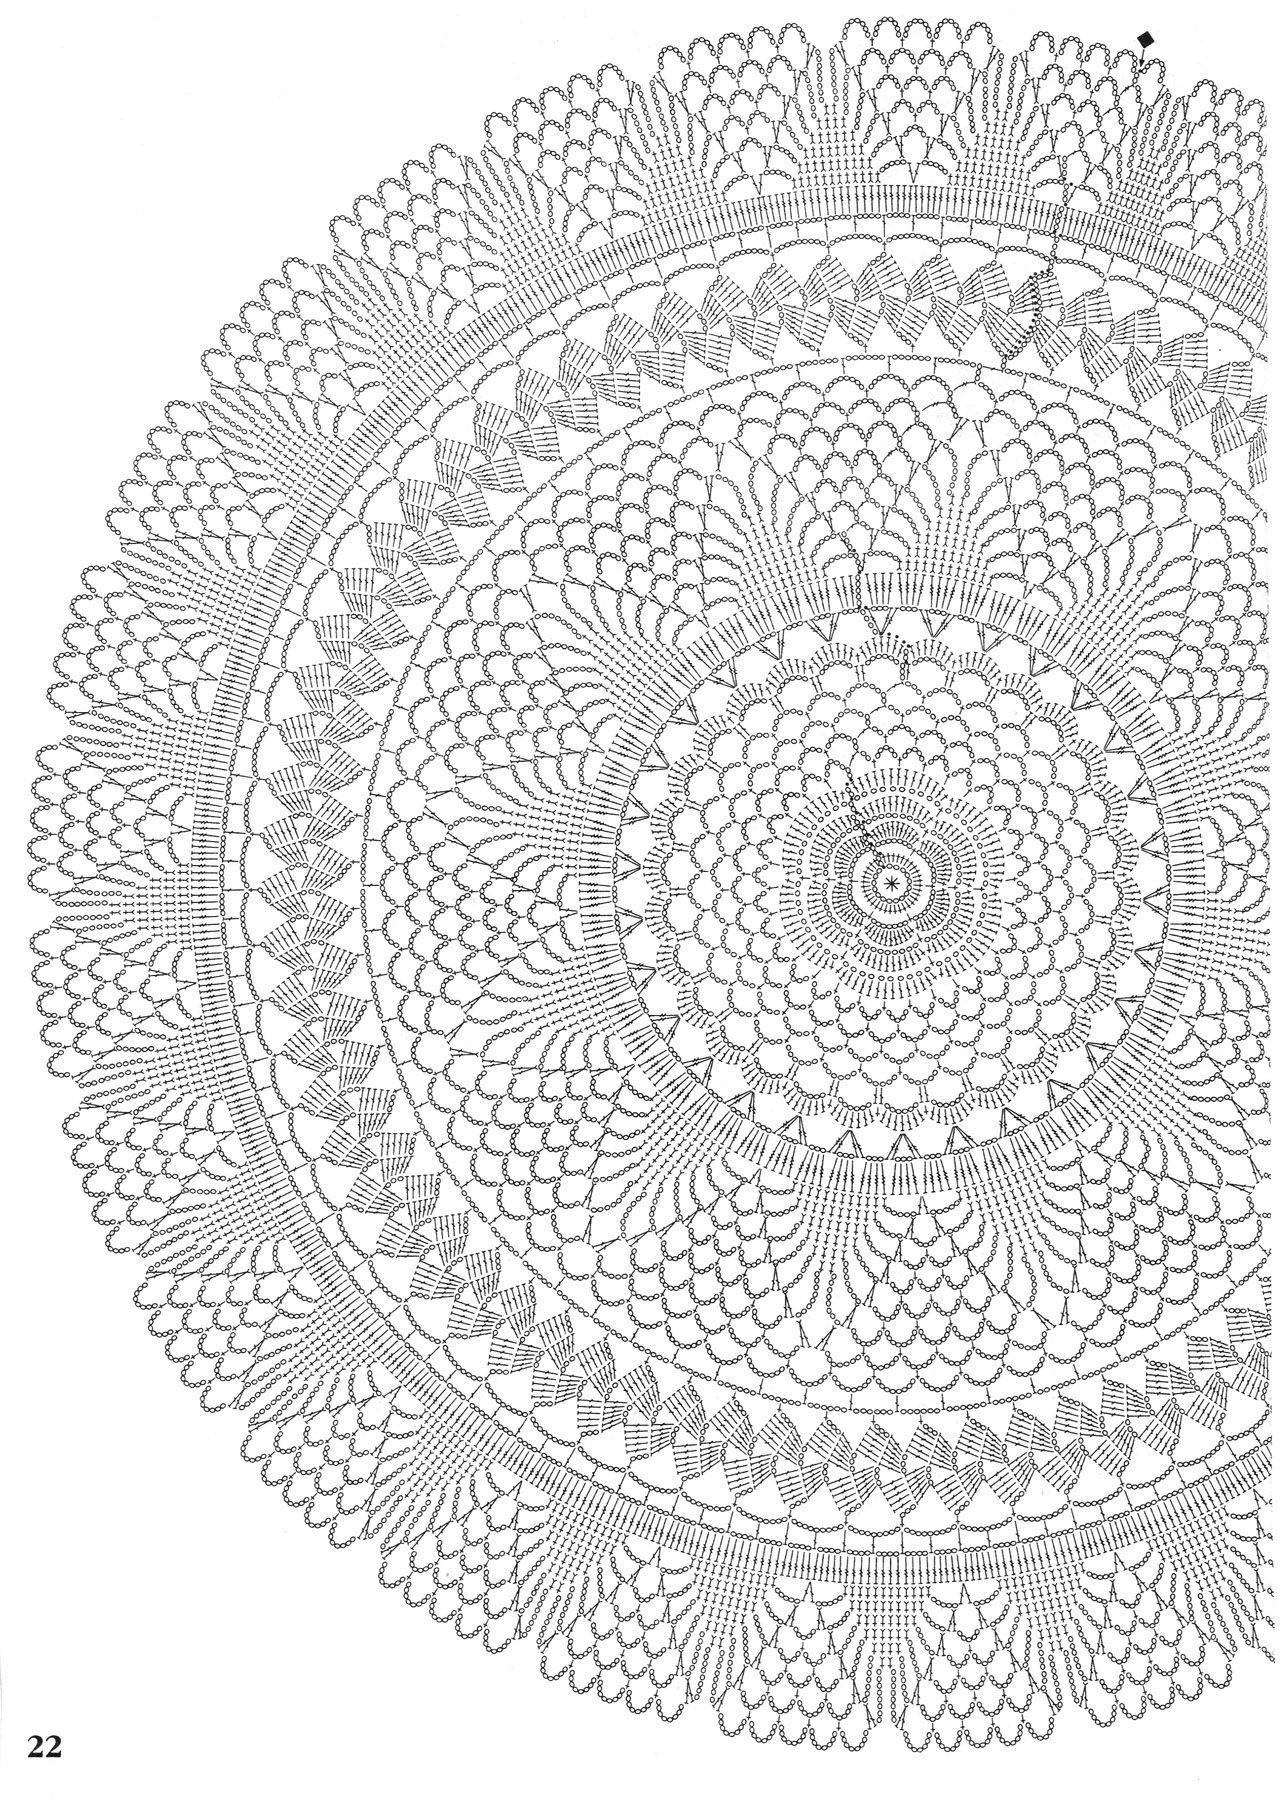 Pin de diyblue en Crochet Doilies   Pinterest   Mandalas, Ganchillo ...